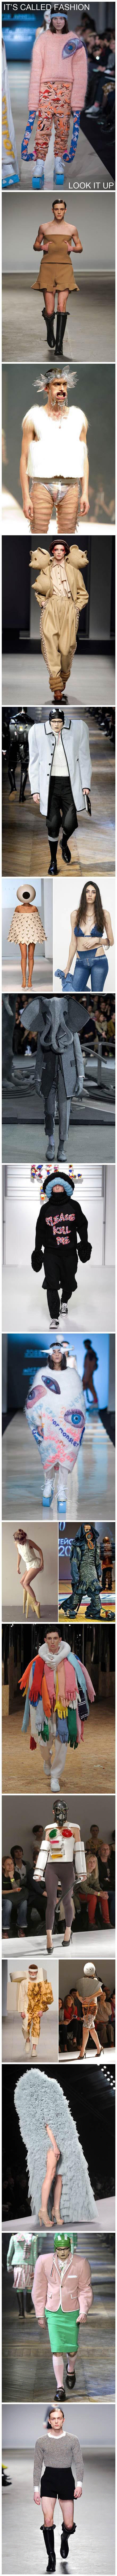 有时候是真的很不懂Fashion 。。。。。很不懂。。。。